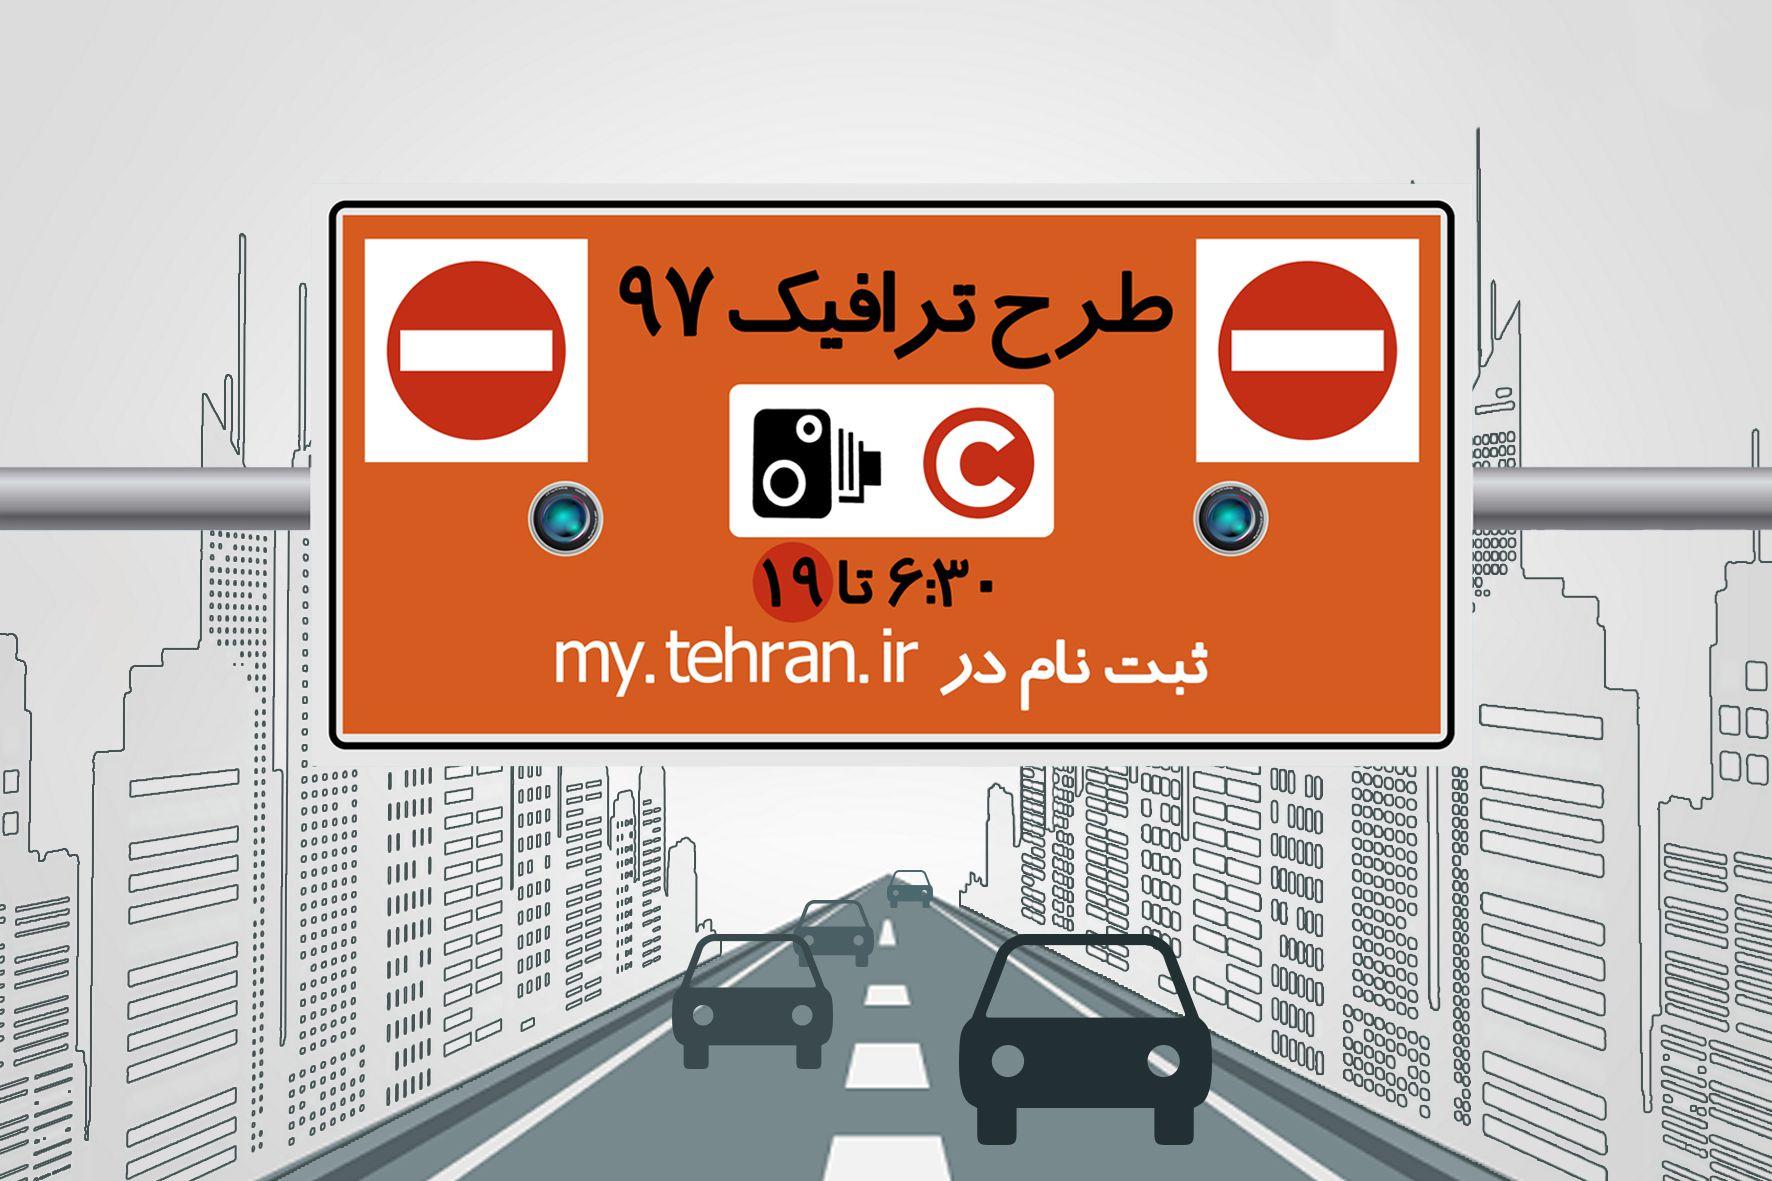 نقشه دوربین های طرح ترافیک و هر آنچه درباره طرح ترافیک می خواهید + تصاویر و مدارک